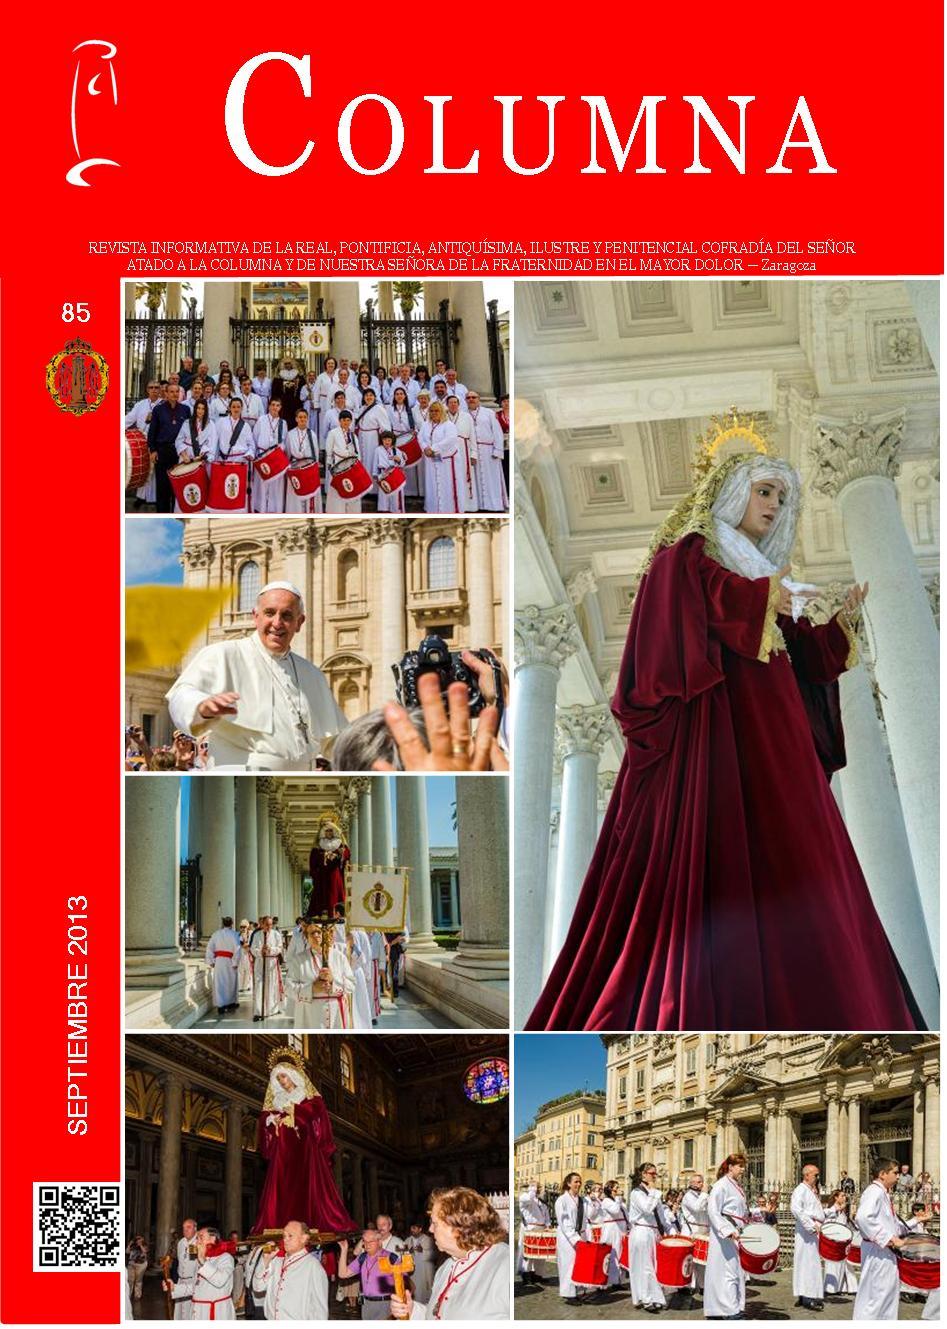 Cofradia Columna Zaragoza – Revista Columna 85